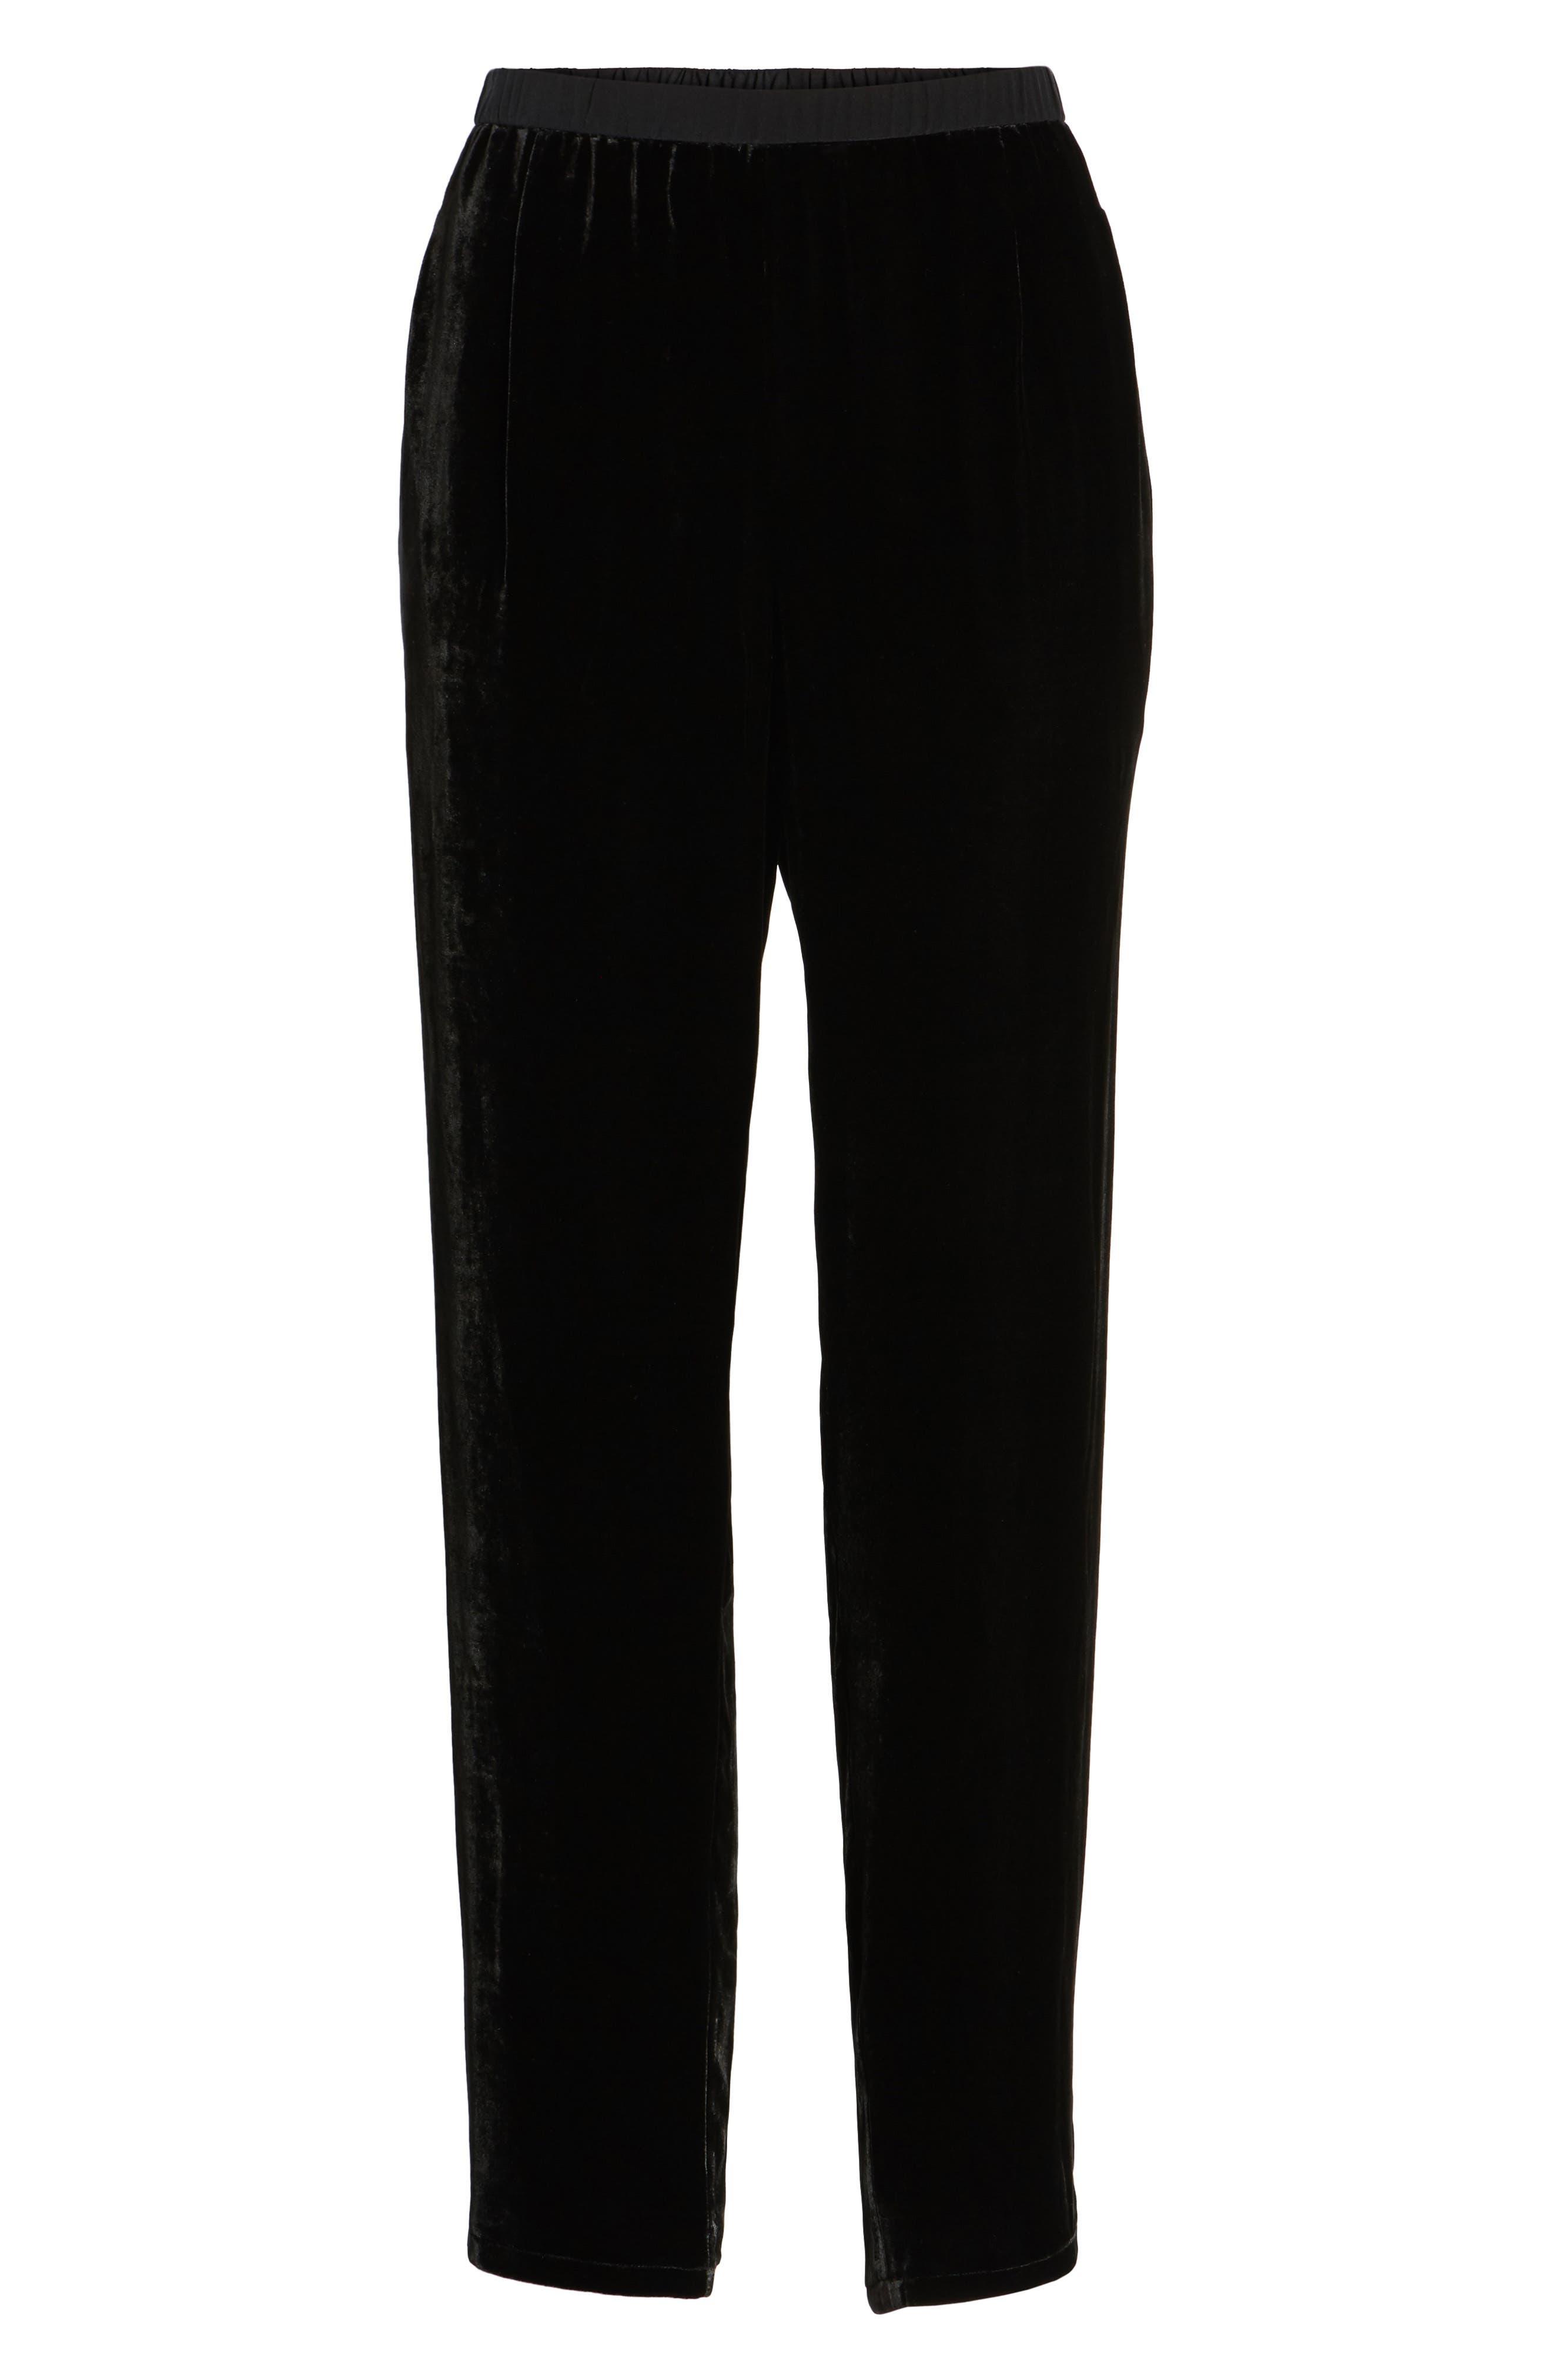 Velvet Ankle Pants,                             Alternate thumbnail 6, color,                             Black